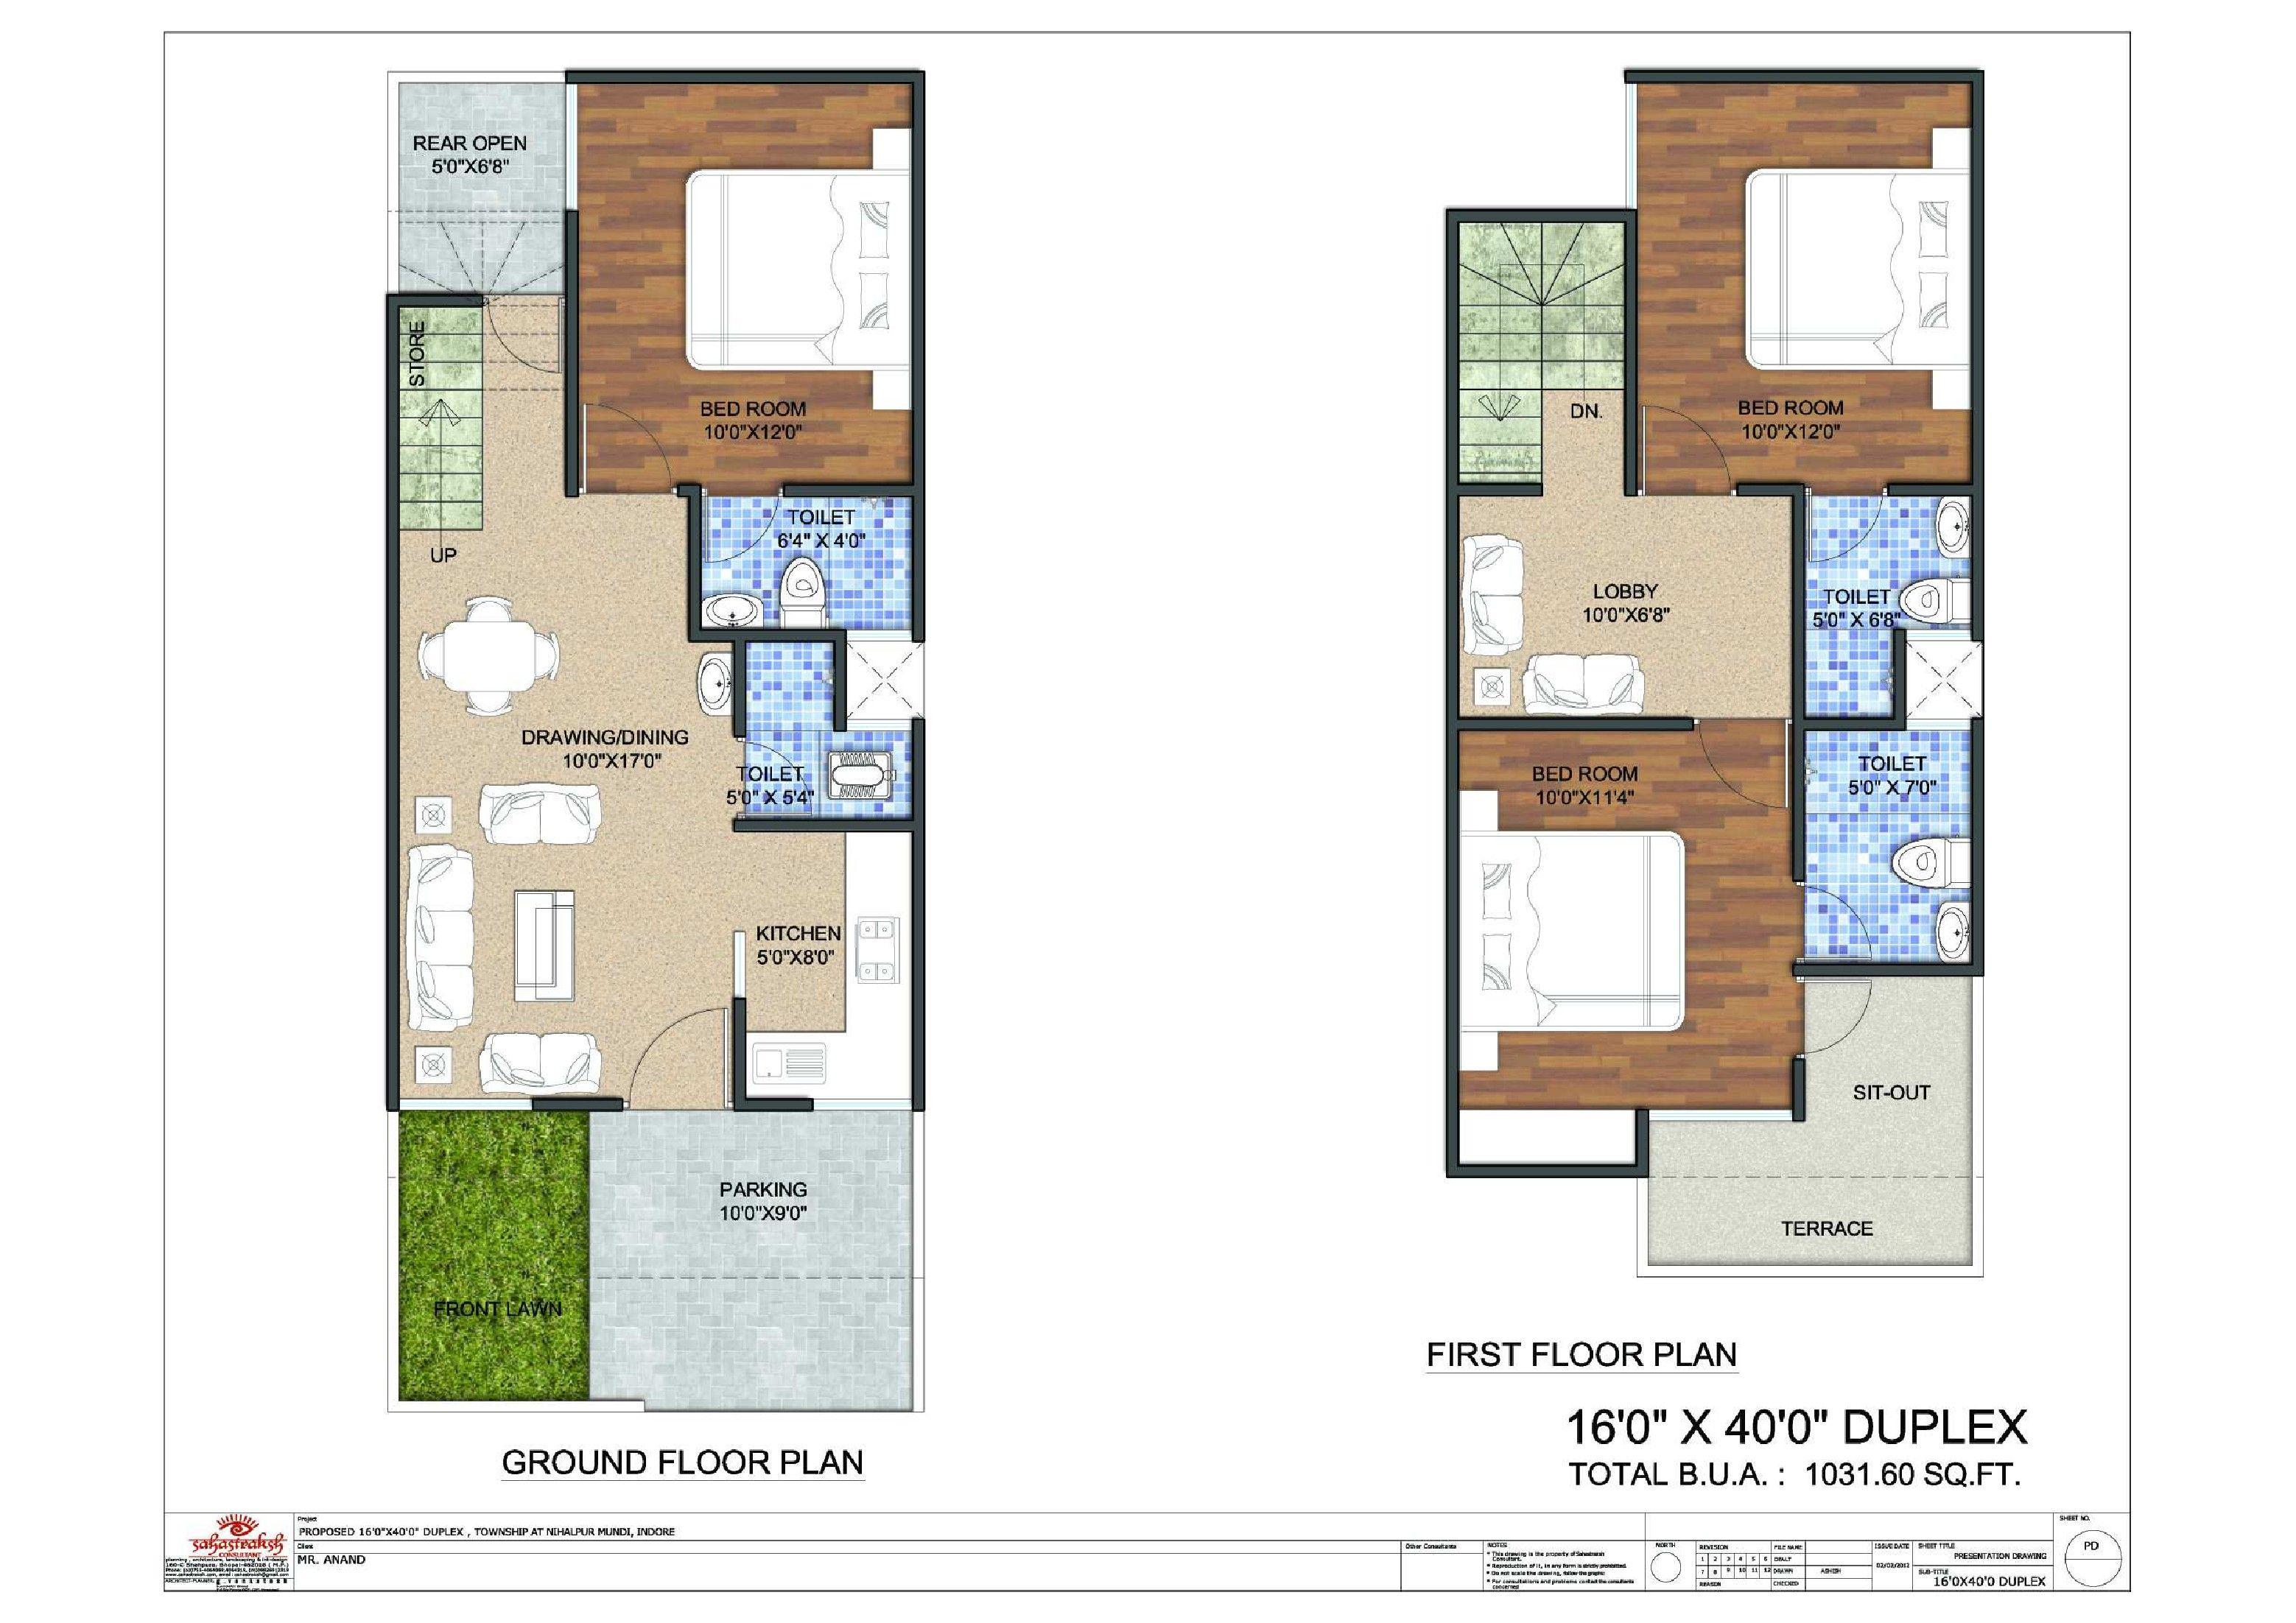 16x40 duplex floor plan flat for for 16x40 floor plans